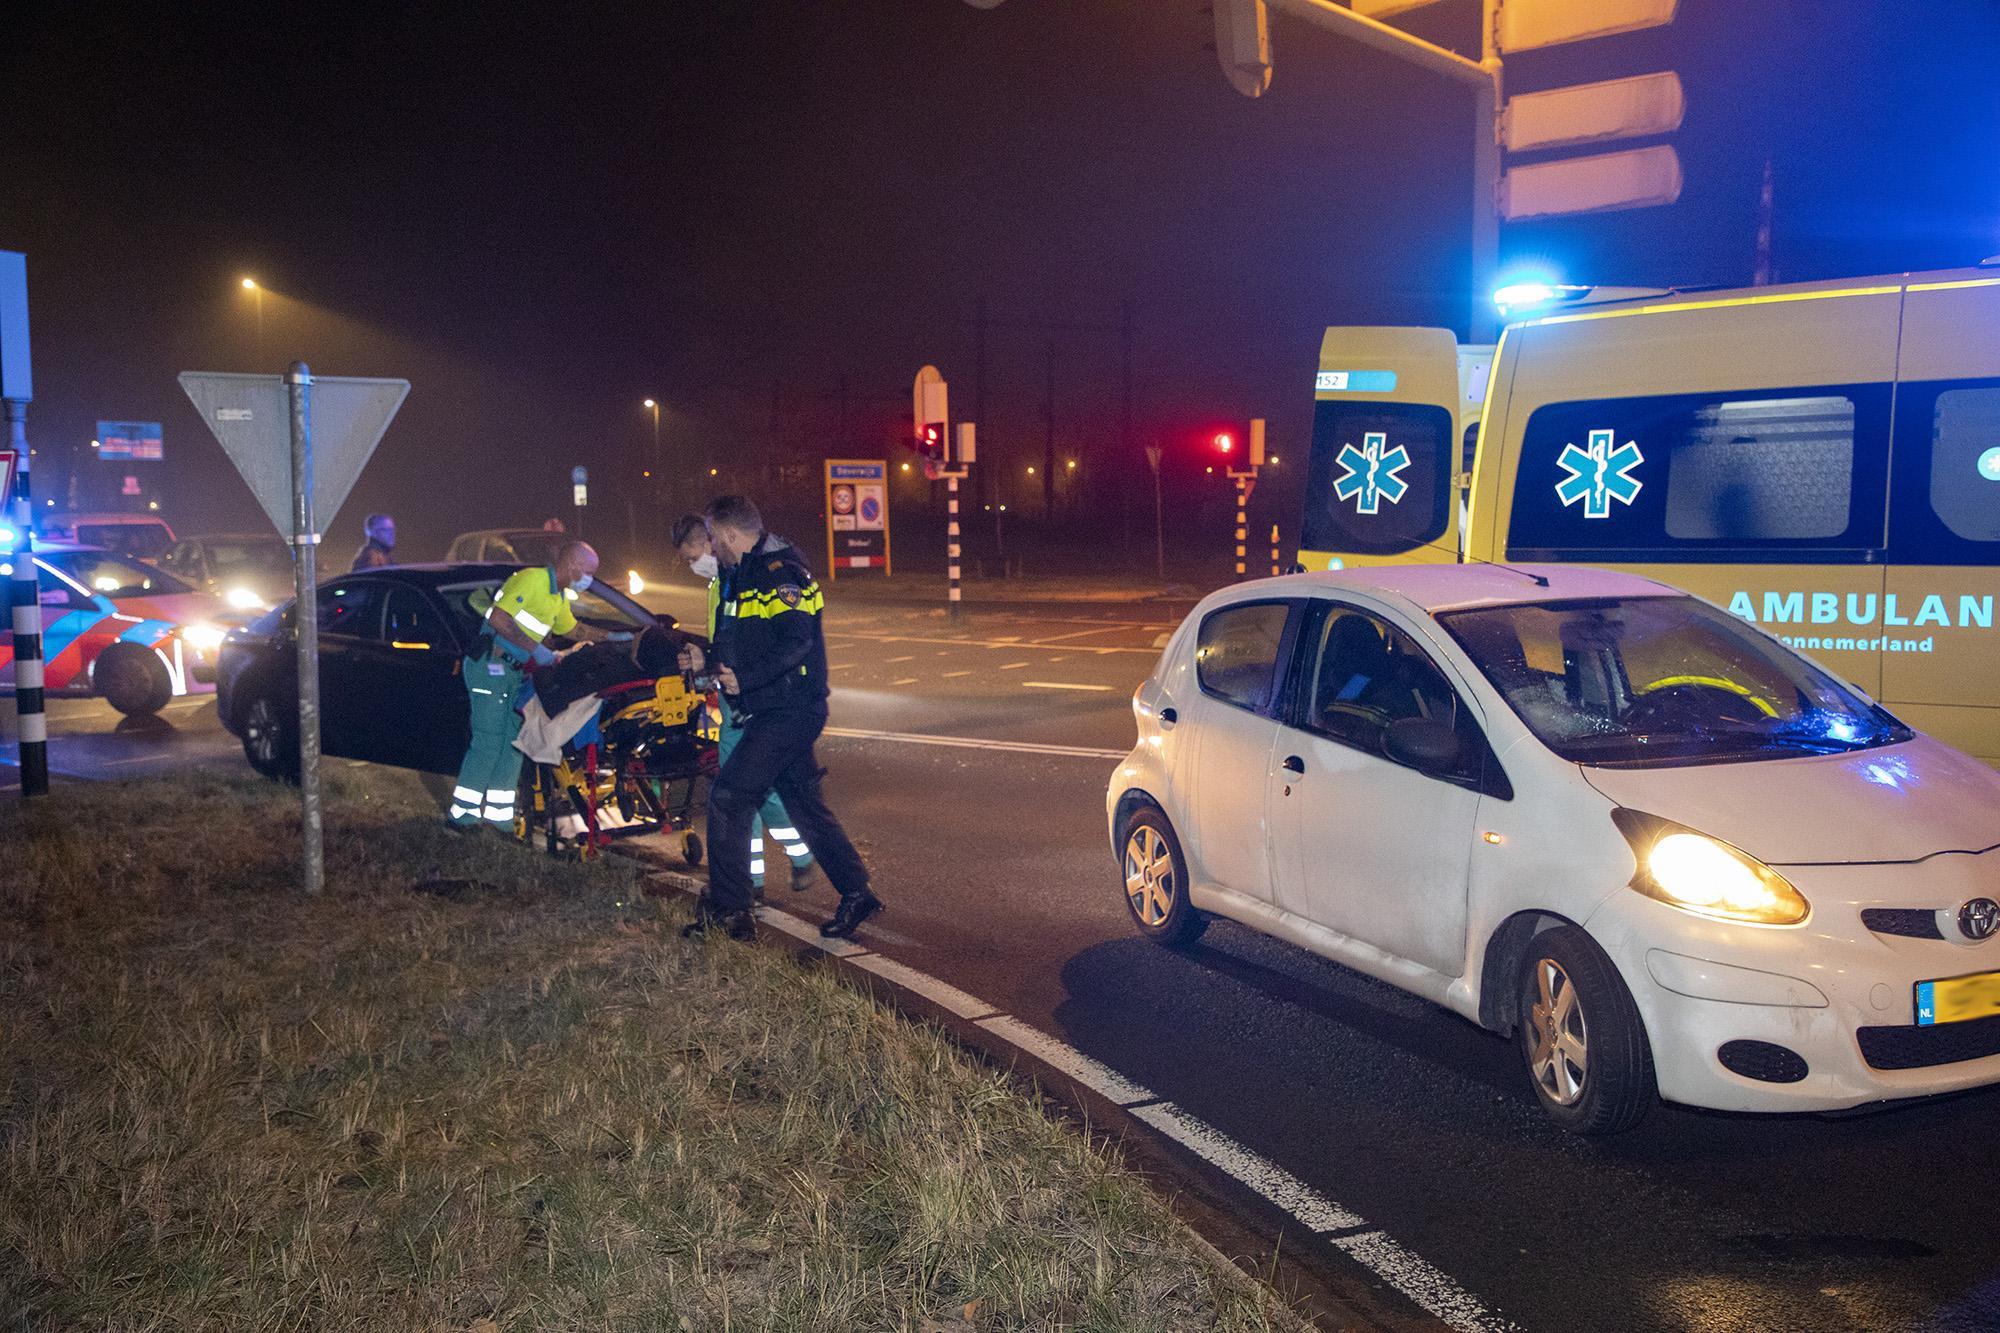 Fietser raakt gewond na aanrijding met auto in Velsen-Noord